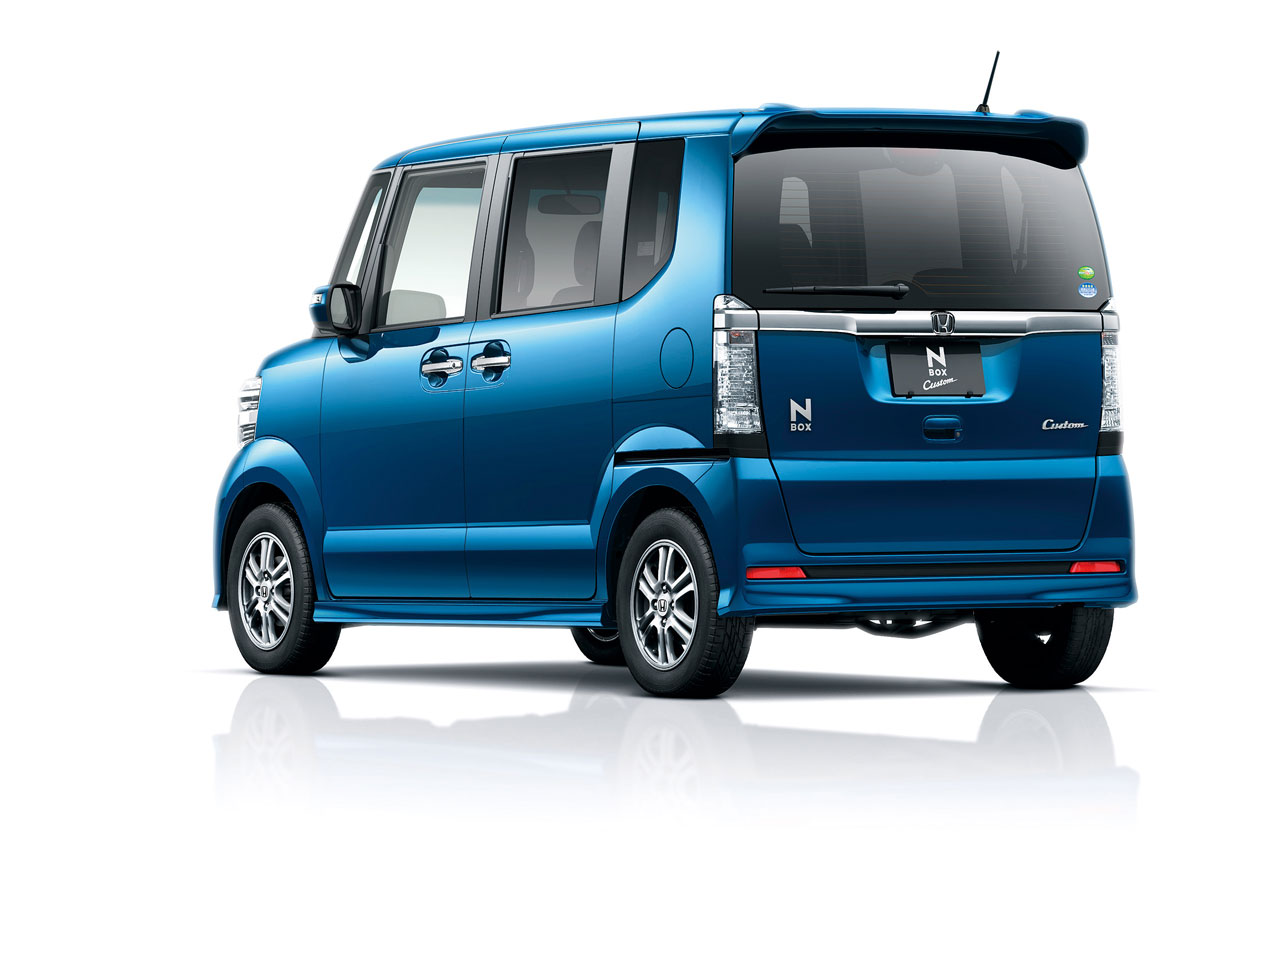 『エクステリア プレミアムダイナミックブルー・パール1』 N-BOX カスタム 2011年モデル の製品画像